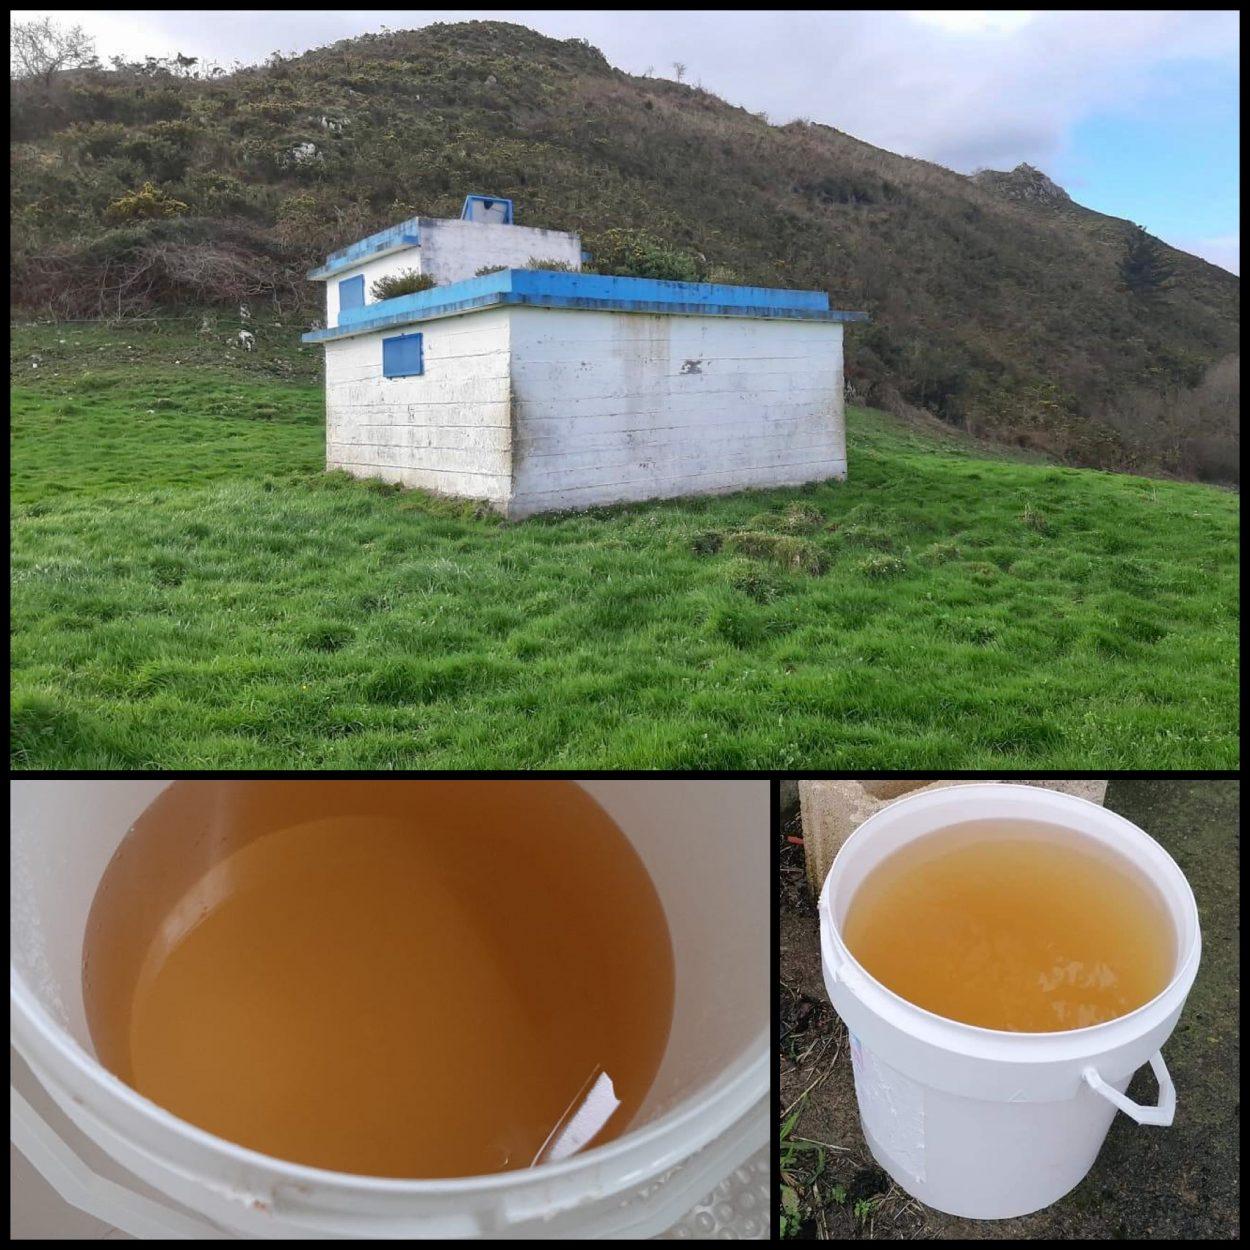 El PP de Ribadesella pide agua digna para Sardéu y plantea varias soluciones